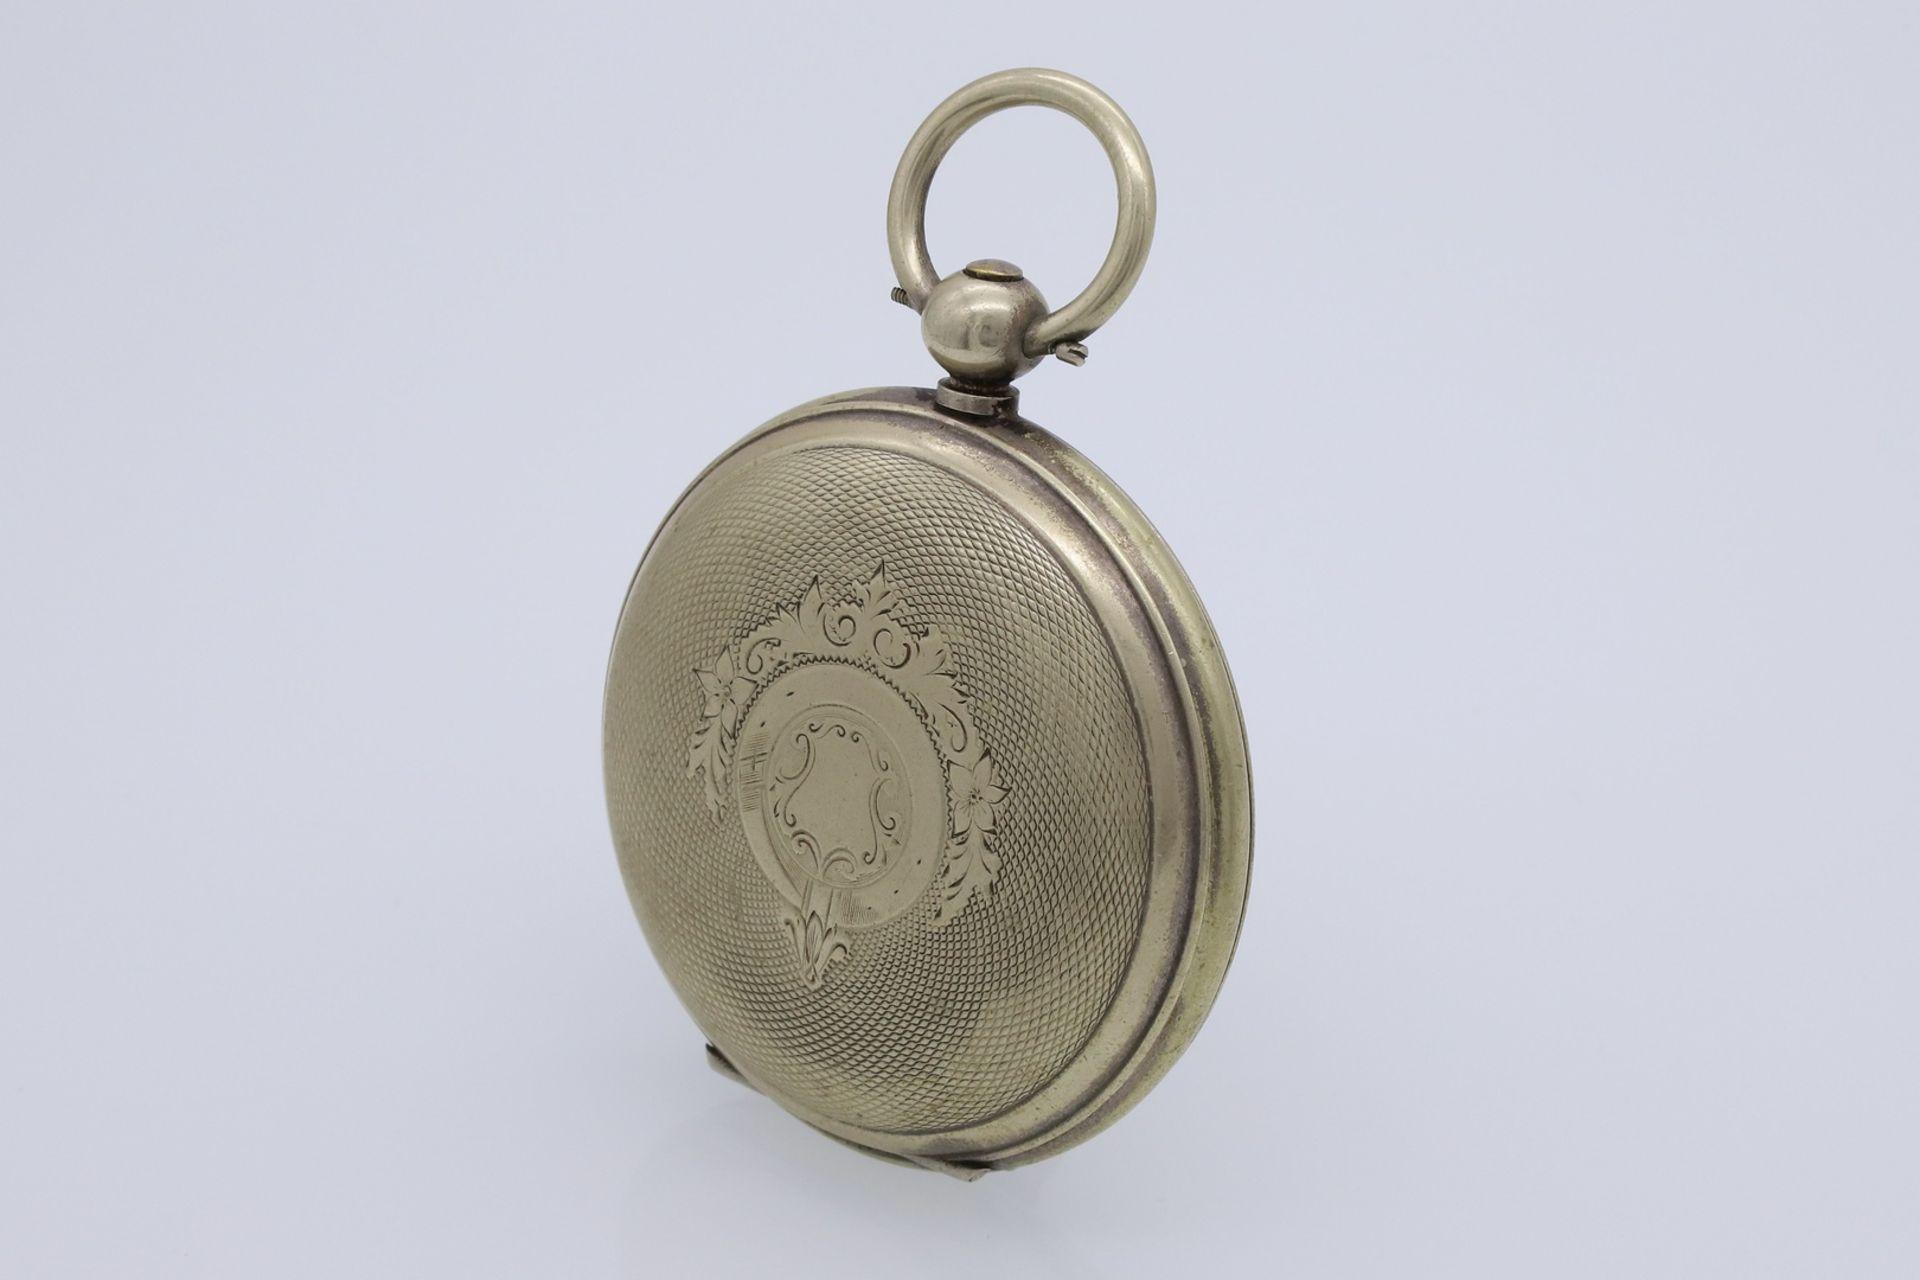 Osmanische Savonnette Taschenuhr, Ende 19. Jh. - Bild 3 aus 6